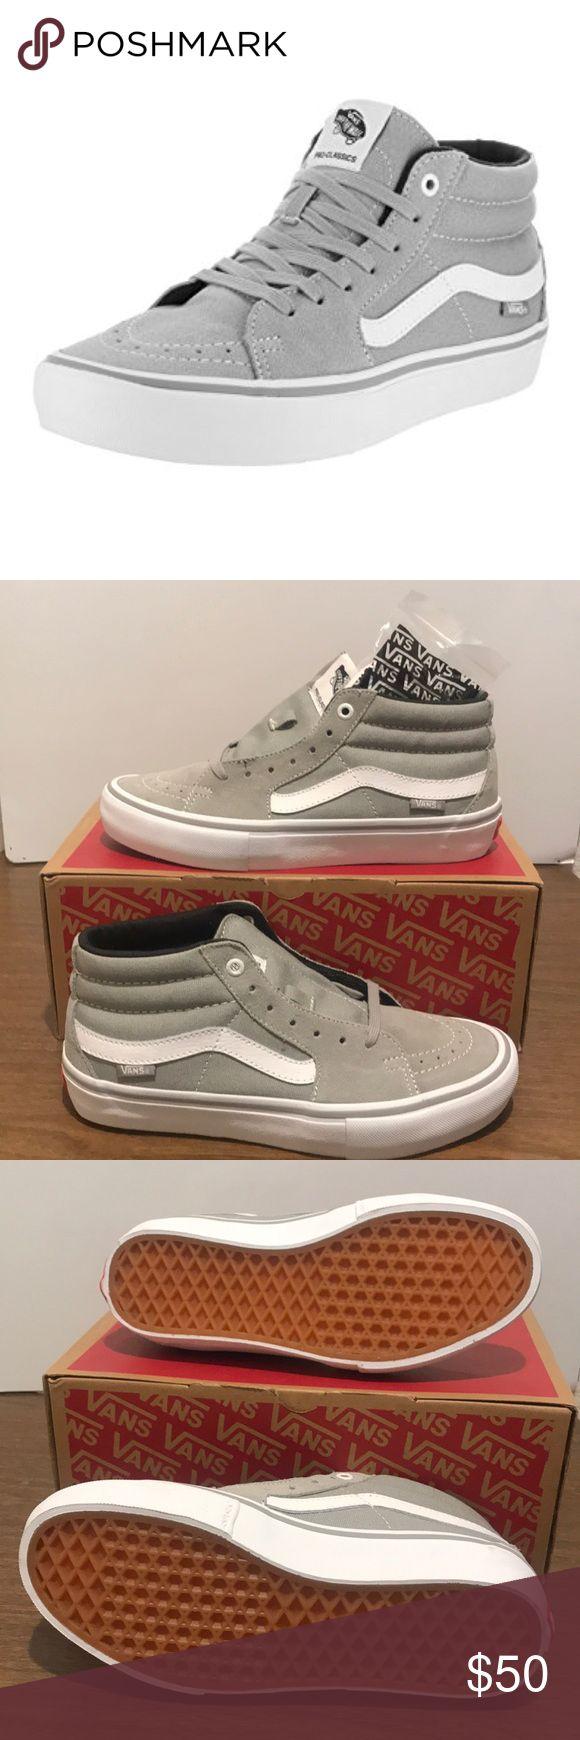 Vans Sk8-Mid Pro Drizzle Vans Sk8-Mid Pro Drizzle Drizzle/White W/extra white laces  Shoe is unisex, box reads men 6.5. Vans Shoes